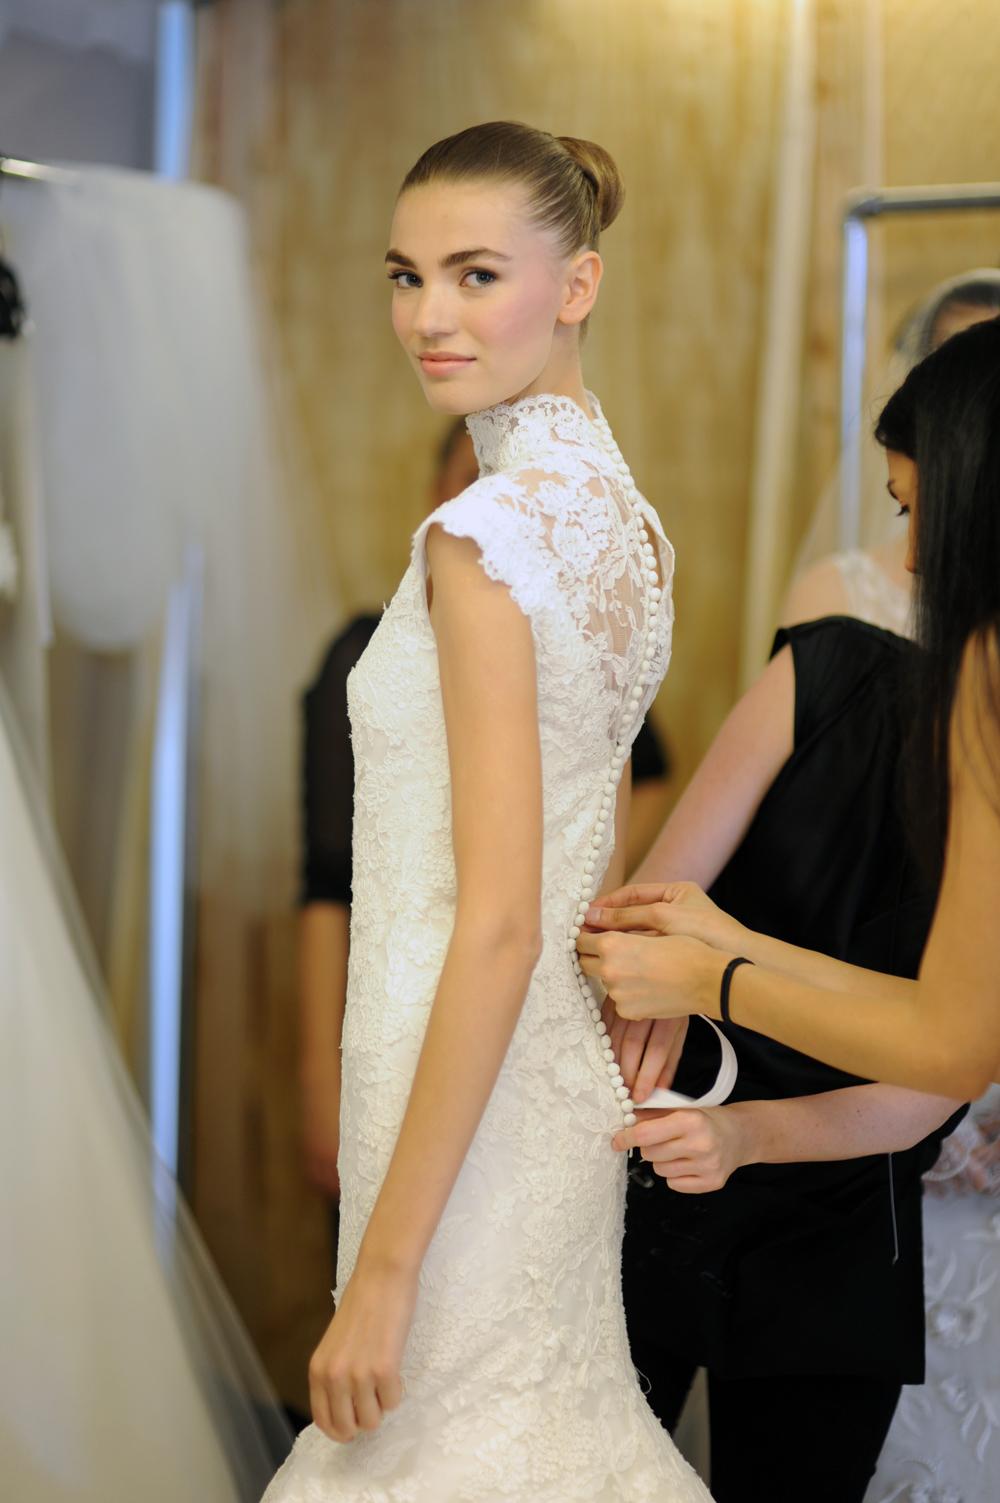 oscar de la renta spring 2013 wedding dress lace cap